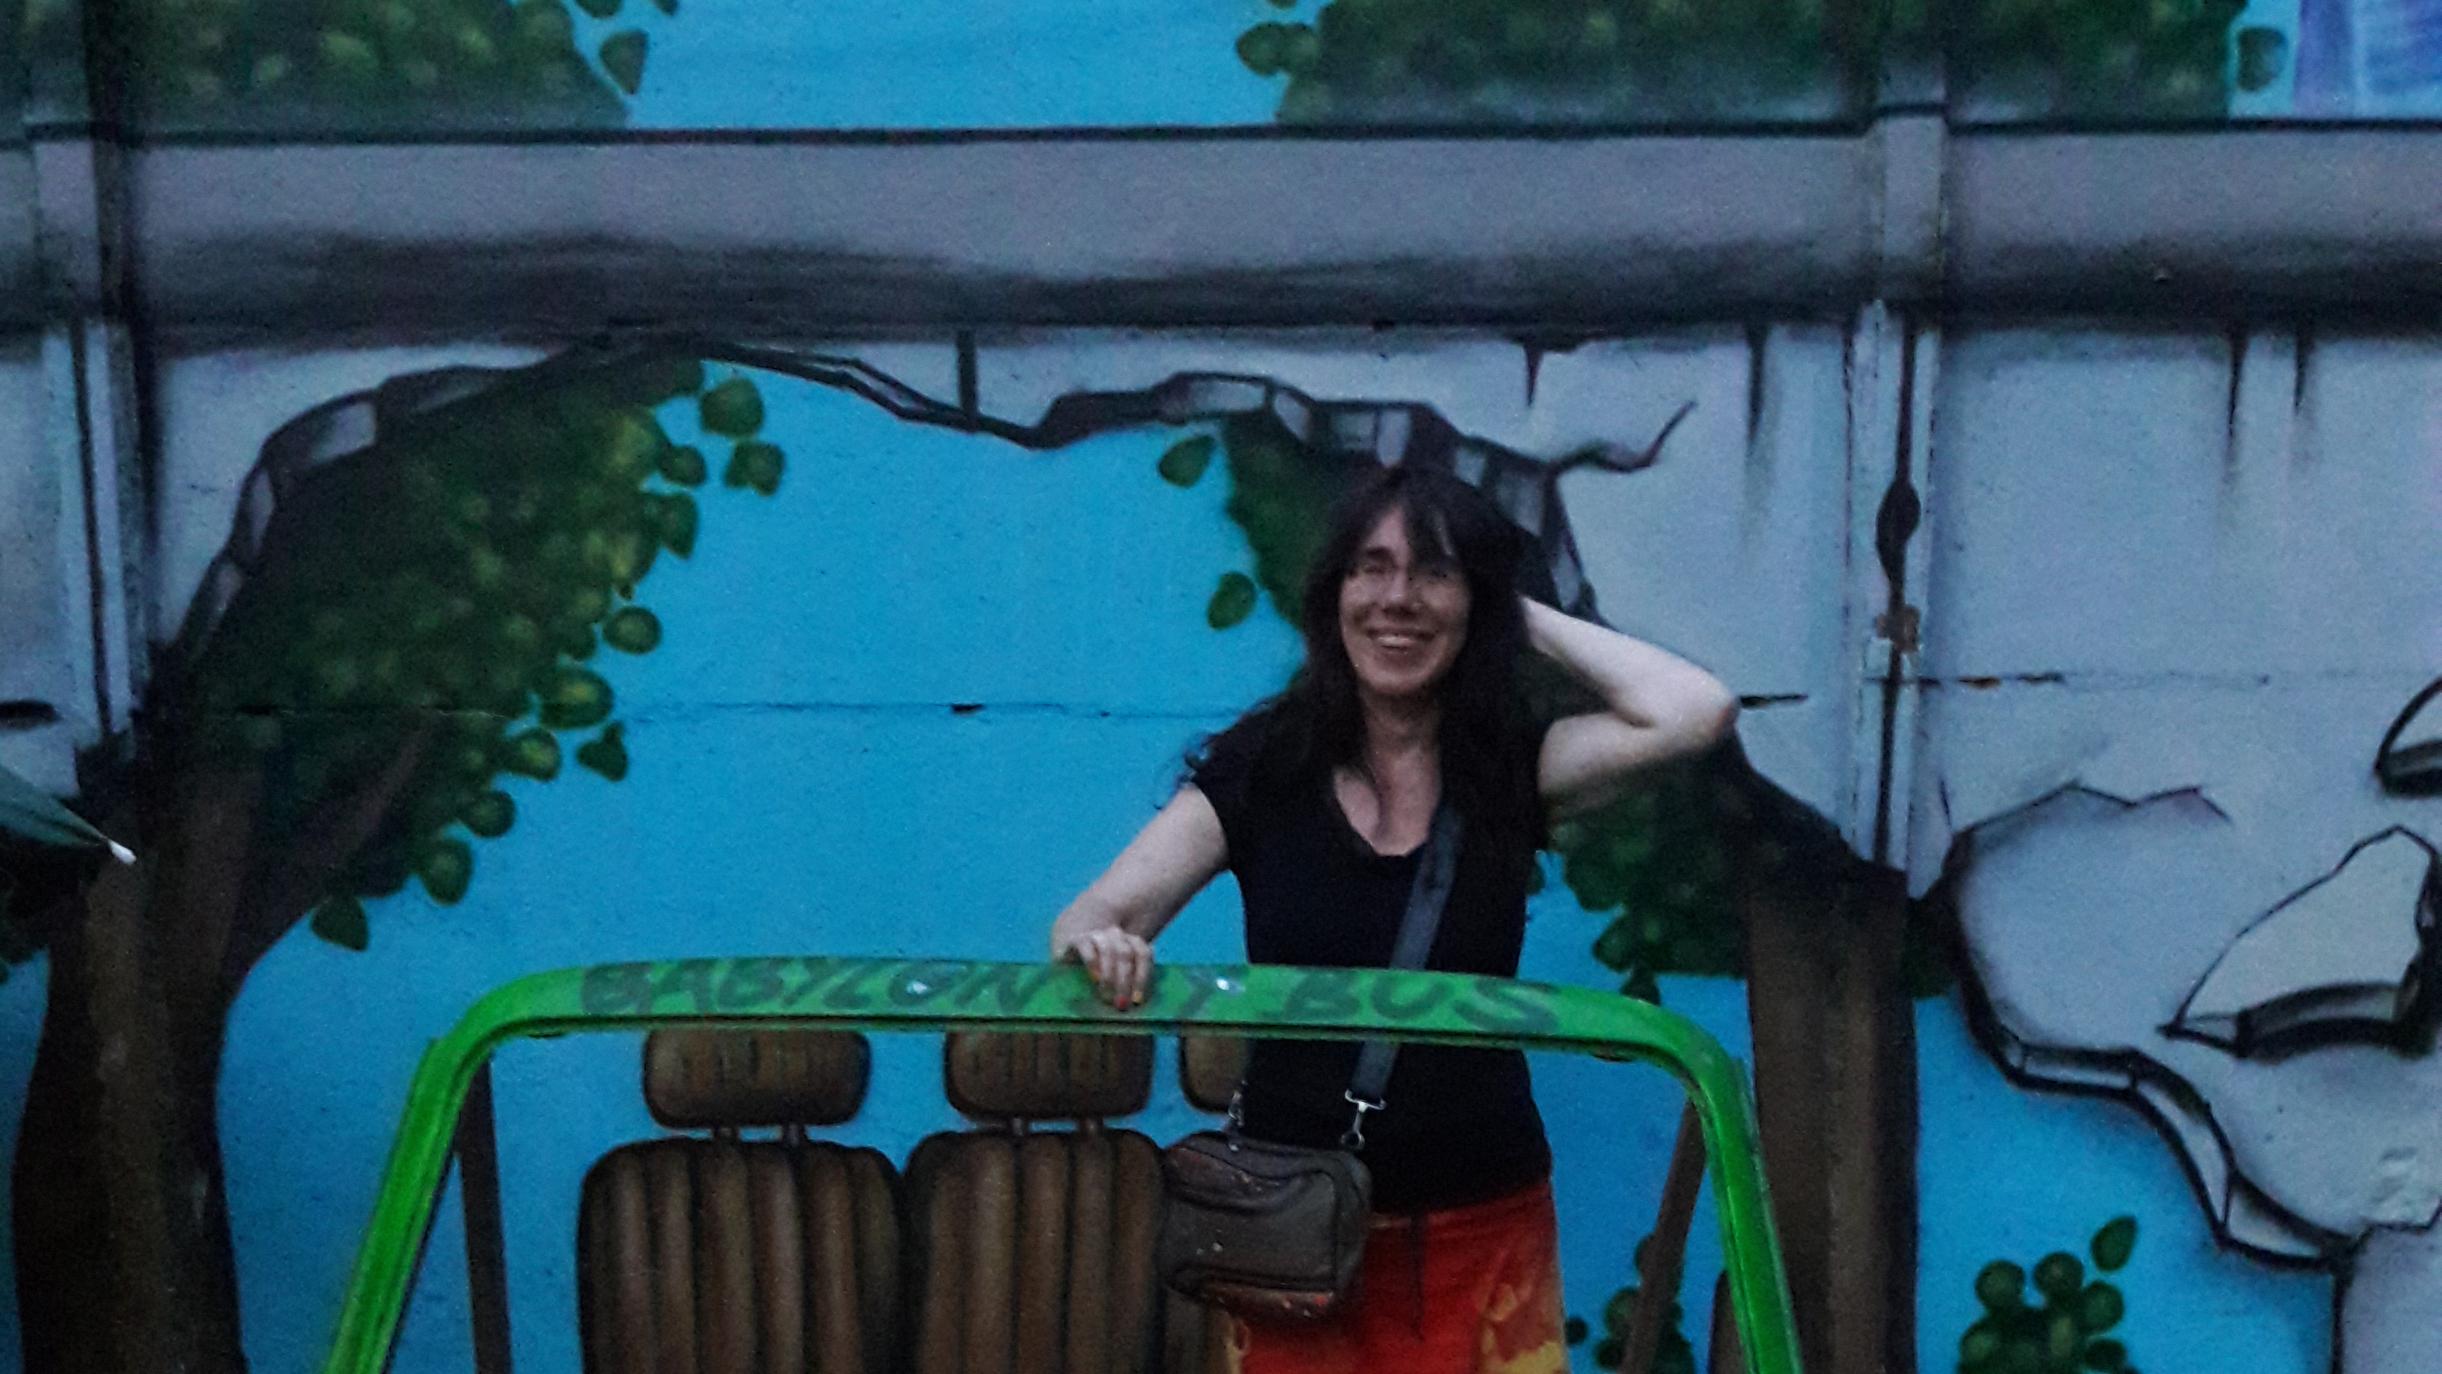 Die Mauer ist nur noch eine gemalte Erinnerung am Yaam (Young African Art Market) mitten in Berlin, Copyright: Cornelia Saxe